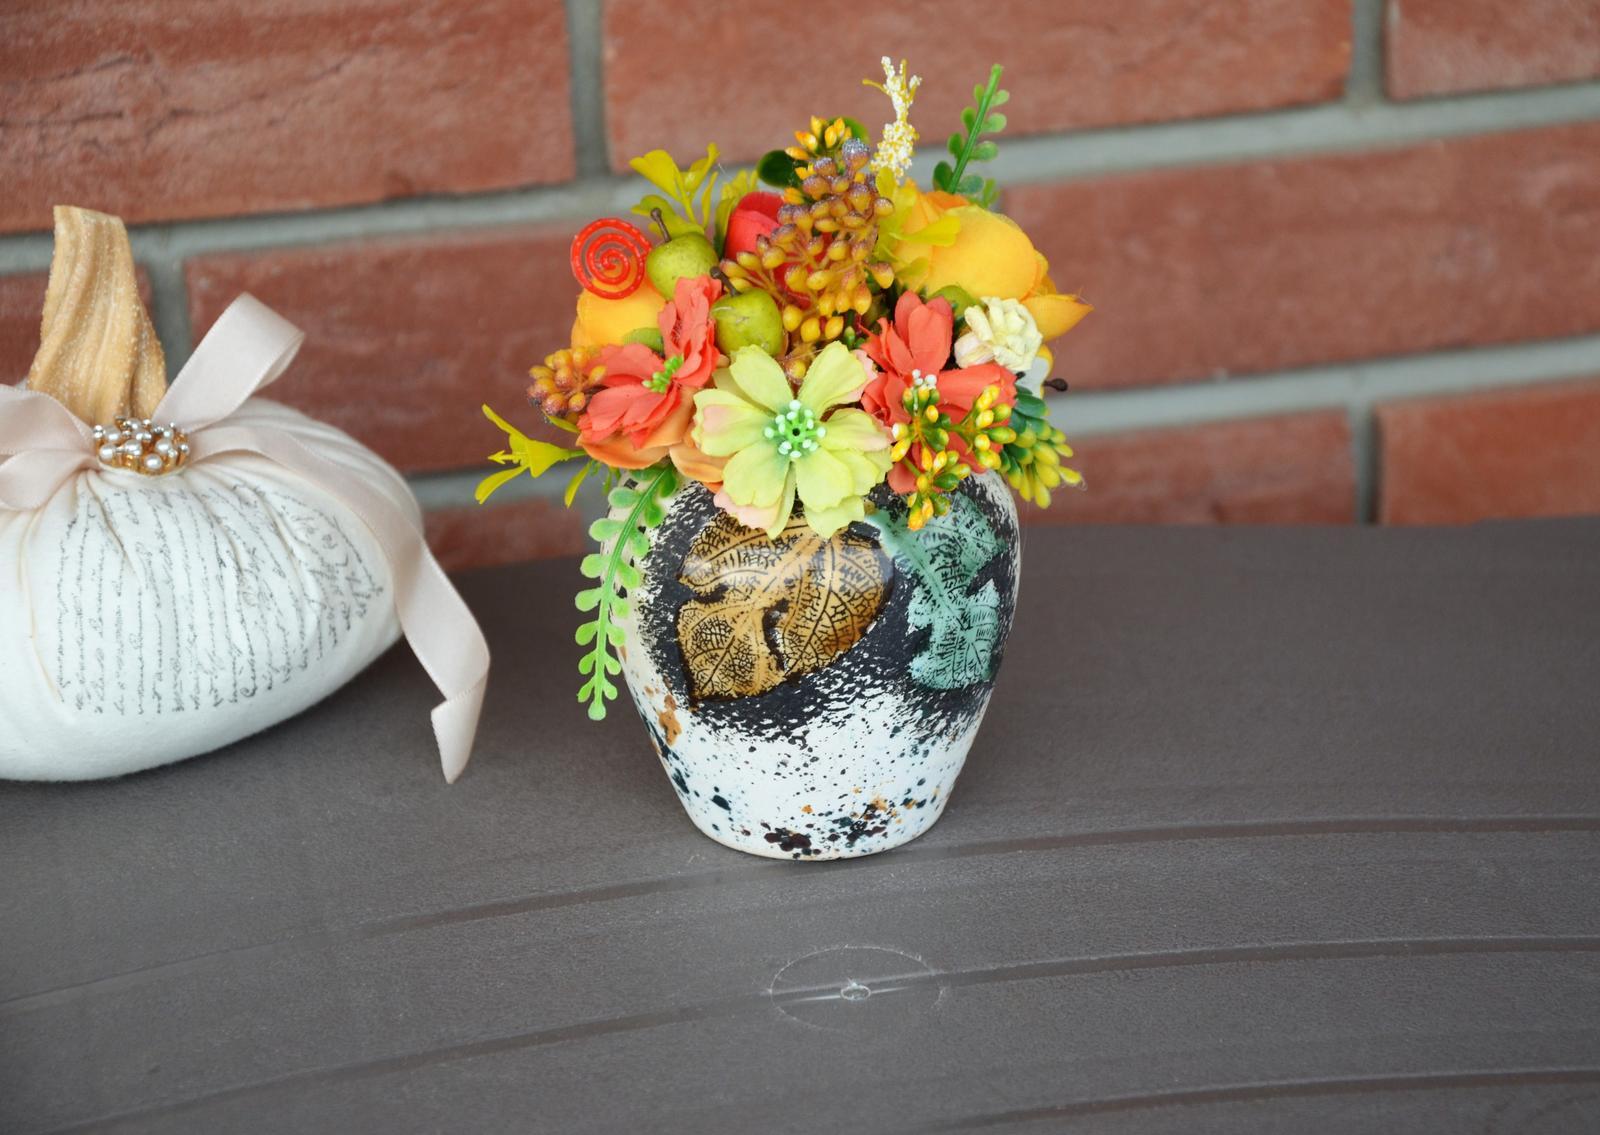 jesenná dekoracia - Obrázok č. 1